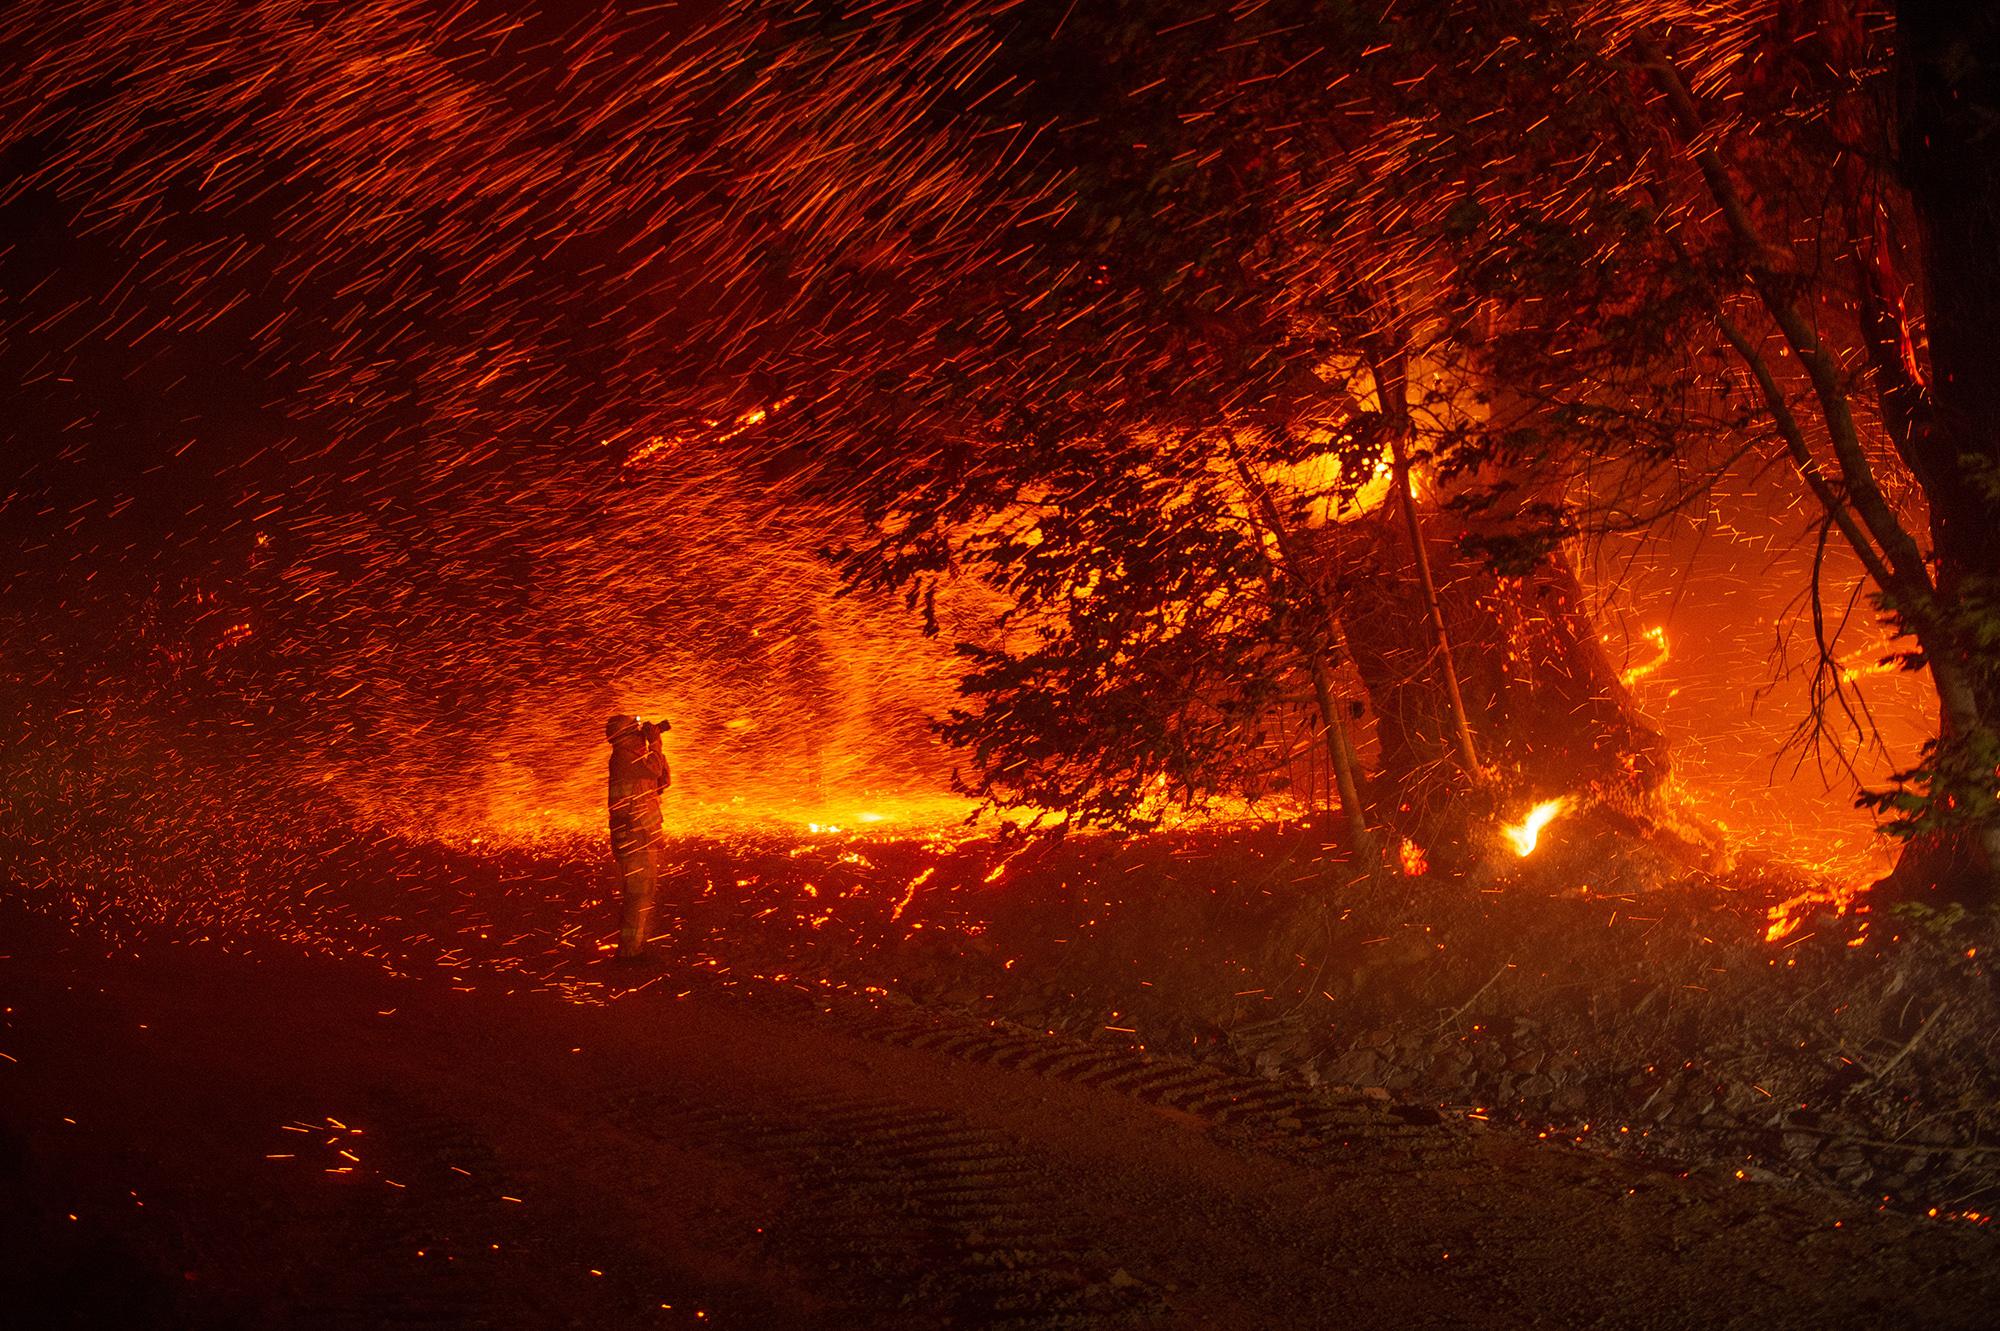 Фотограф запечатлел дождь изуглей во время пожара «Кинкейд» возле Гейсервилла, штат Калифорния, 24 октября 2019.